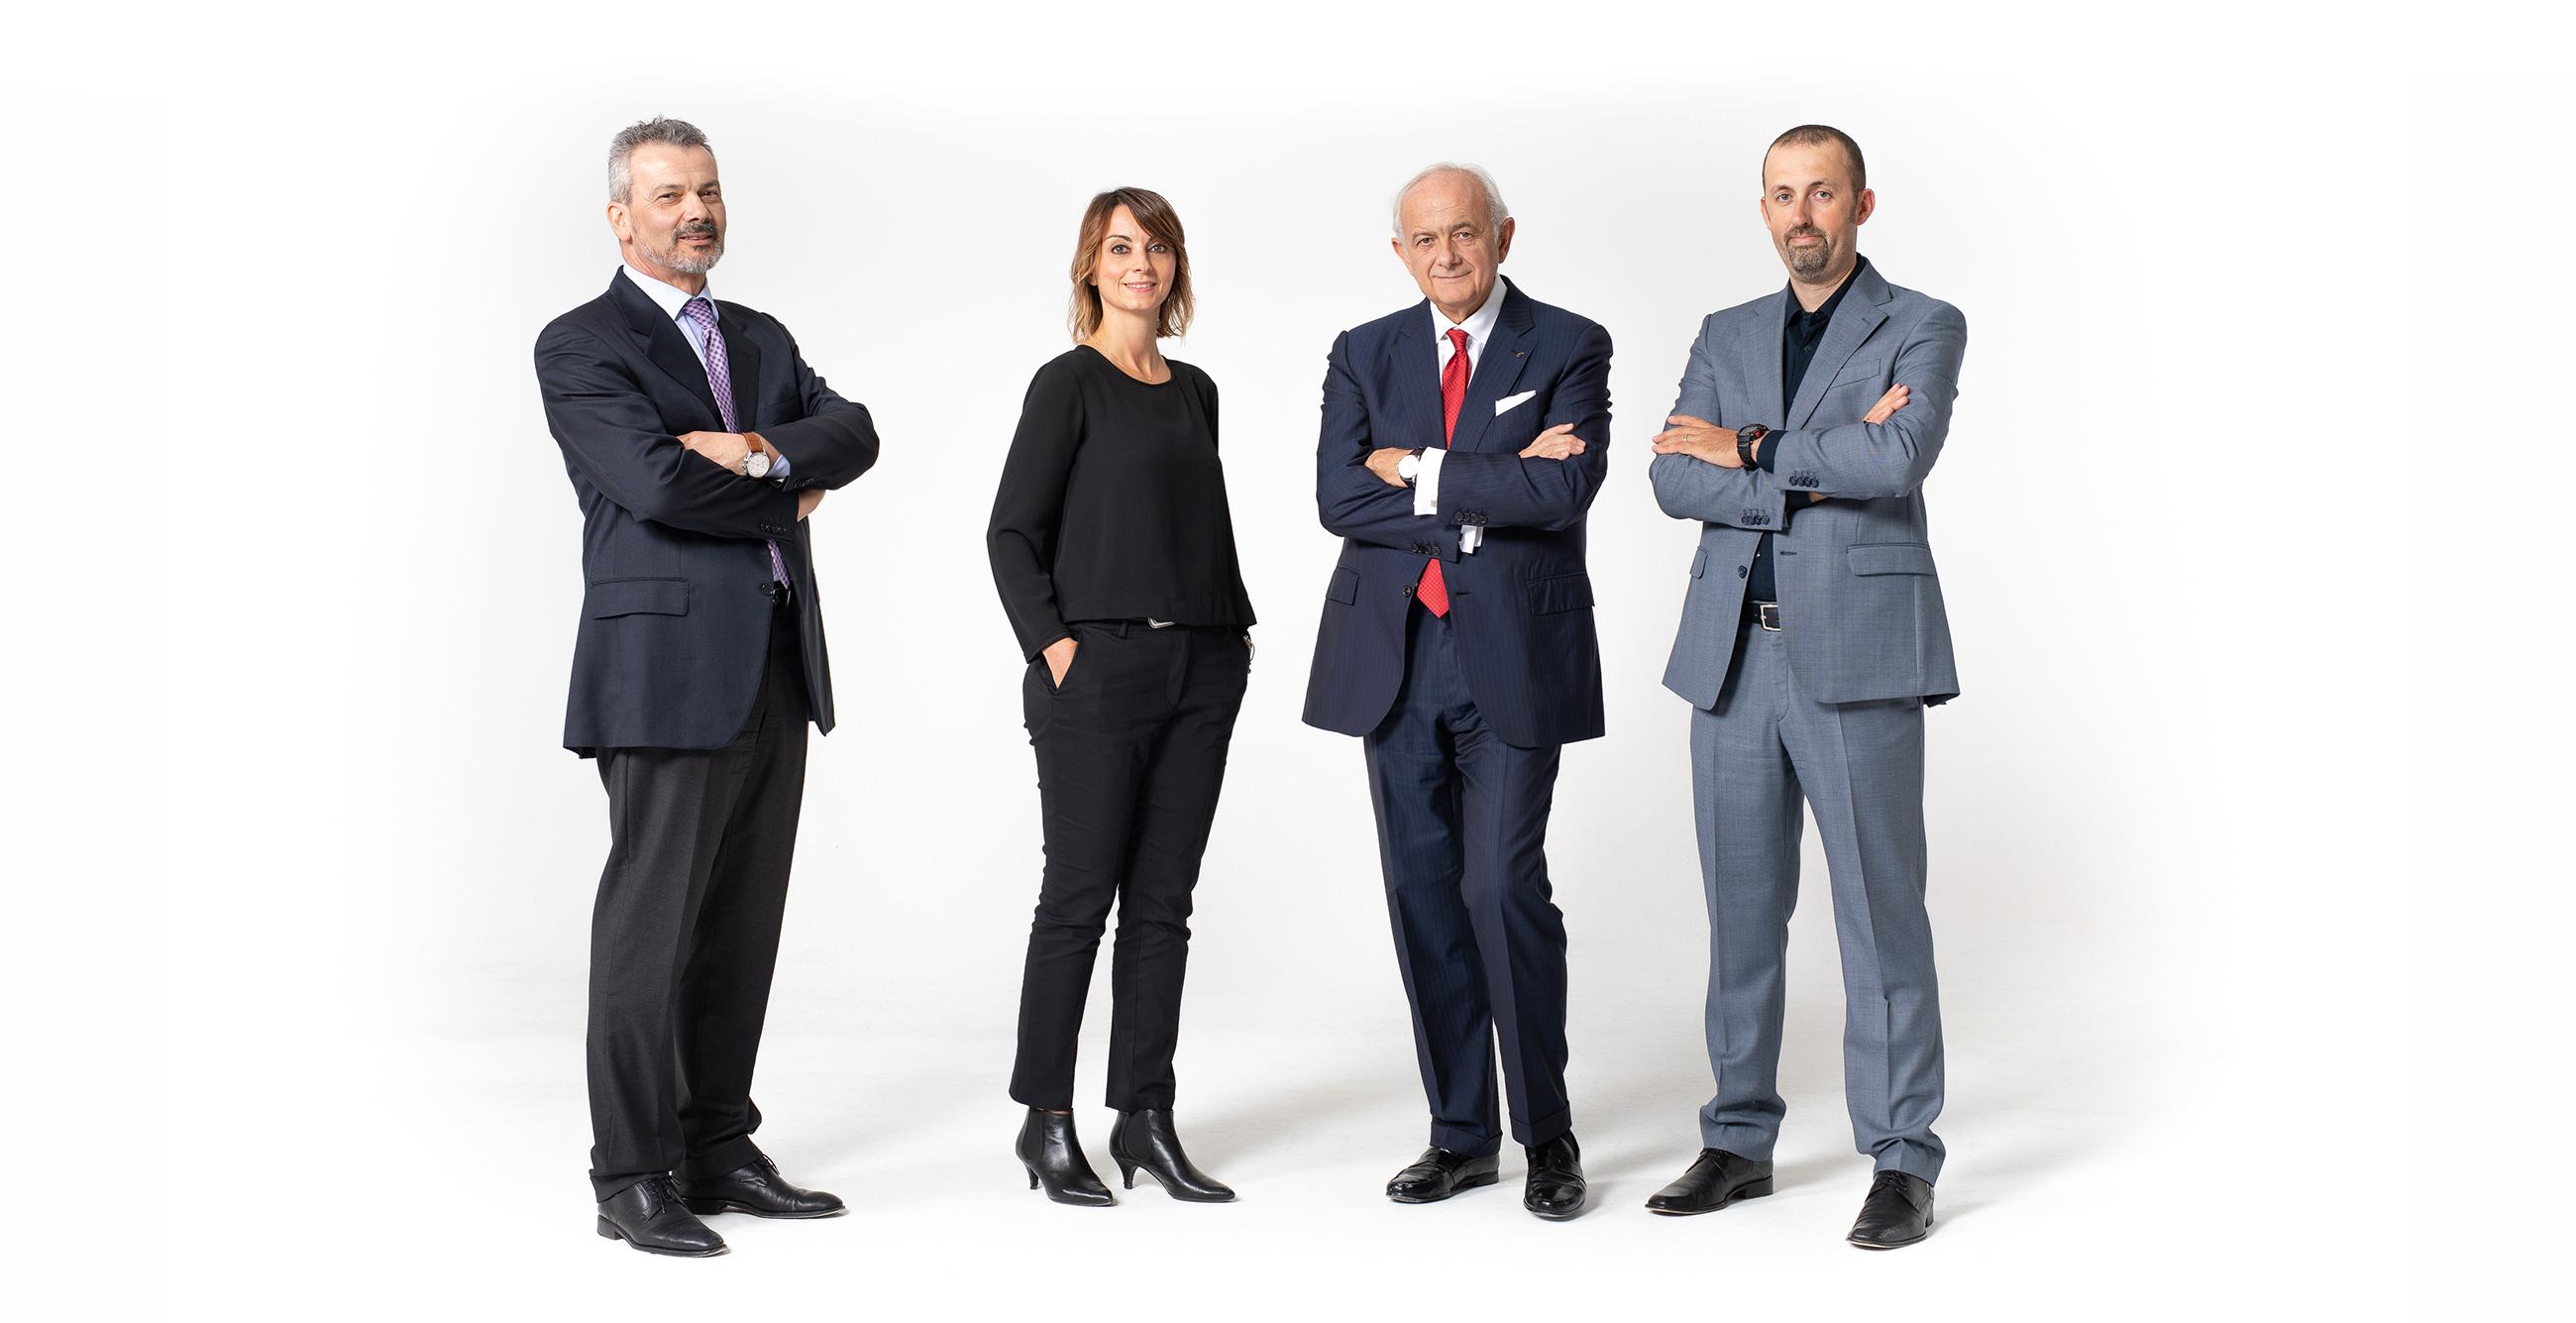 Binini Partners, Società di architettura e ingegneria, Reggio Emilia, Italia